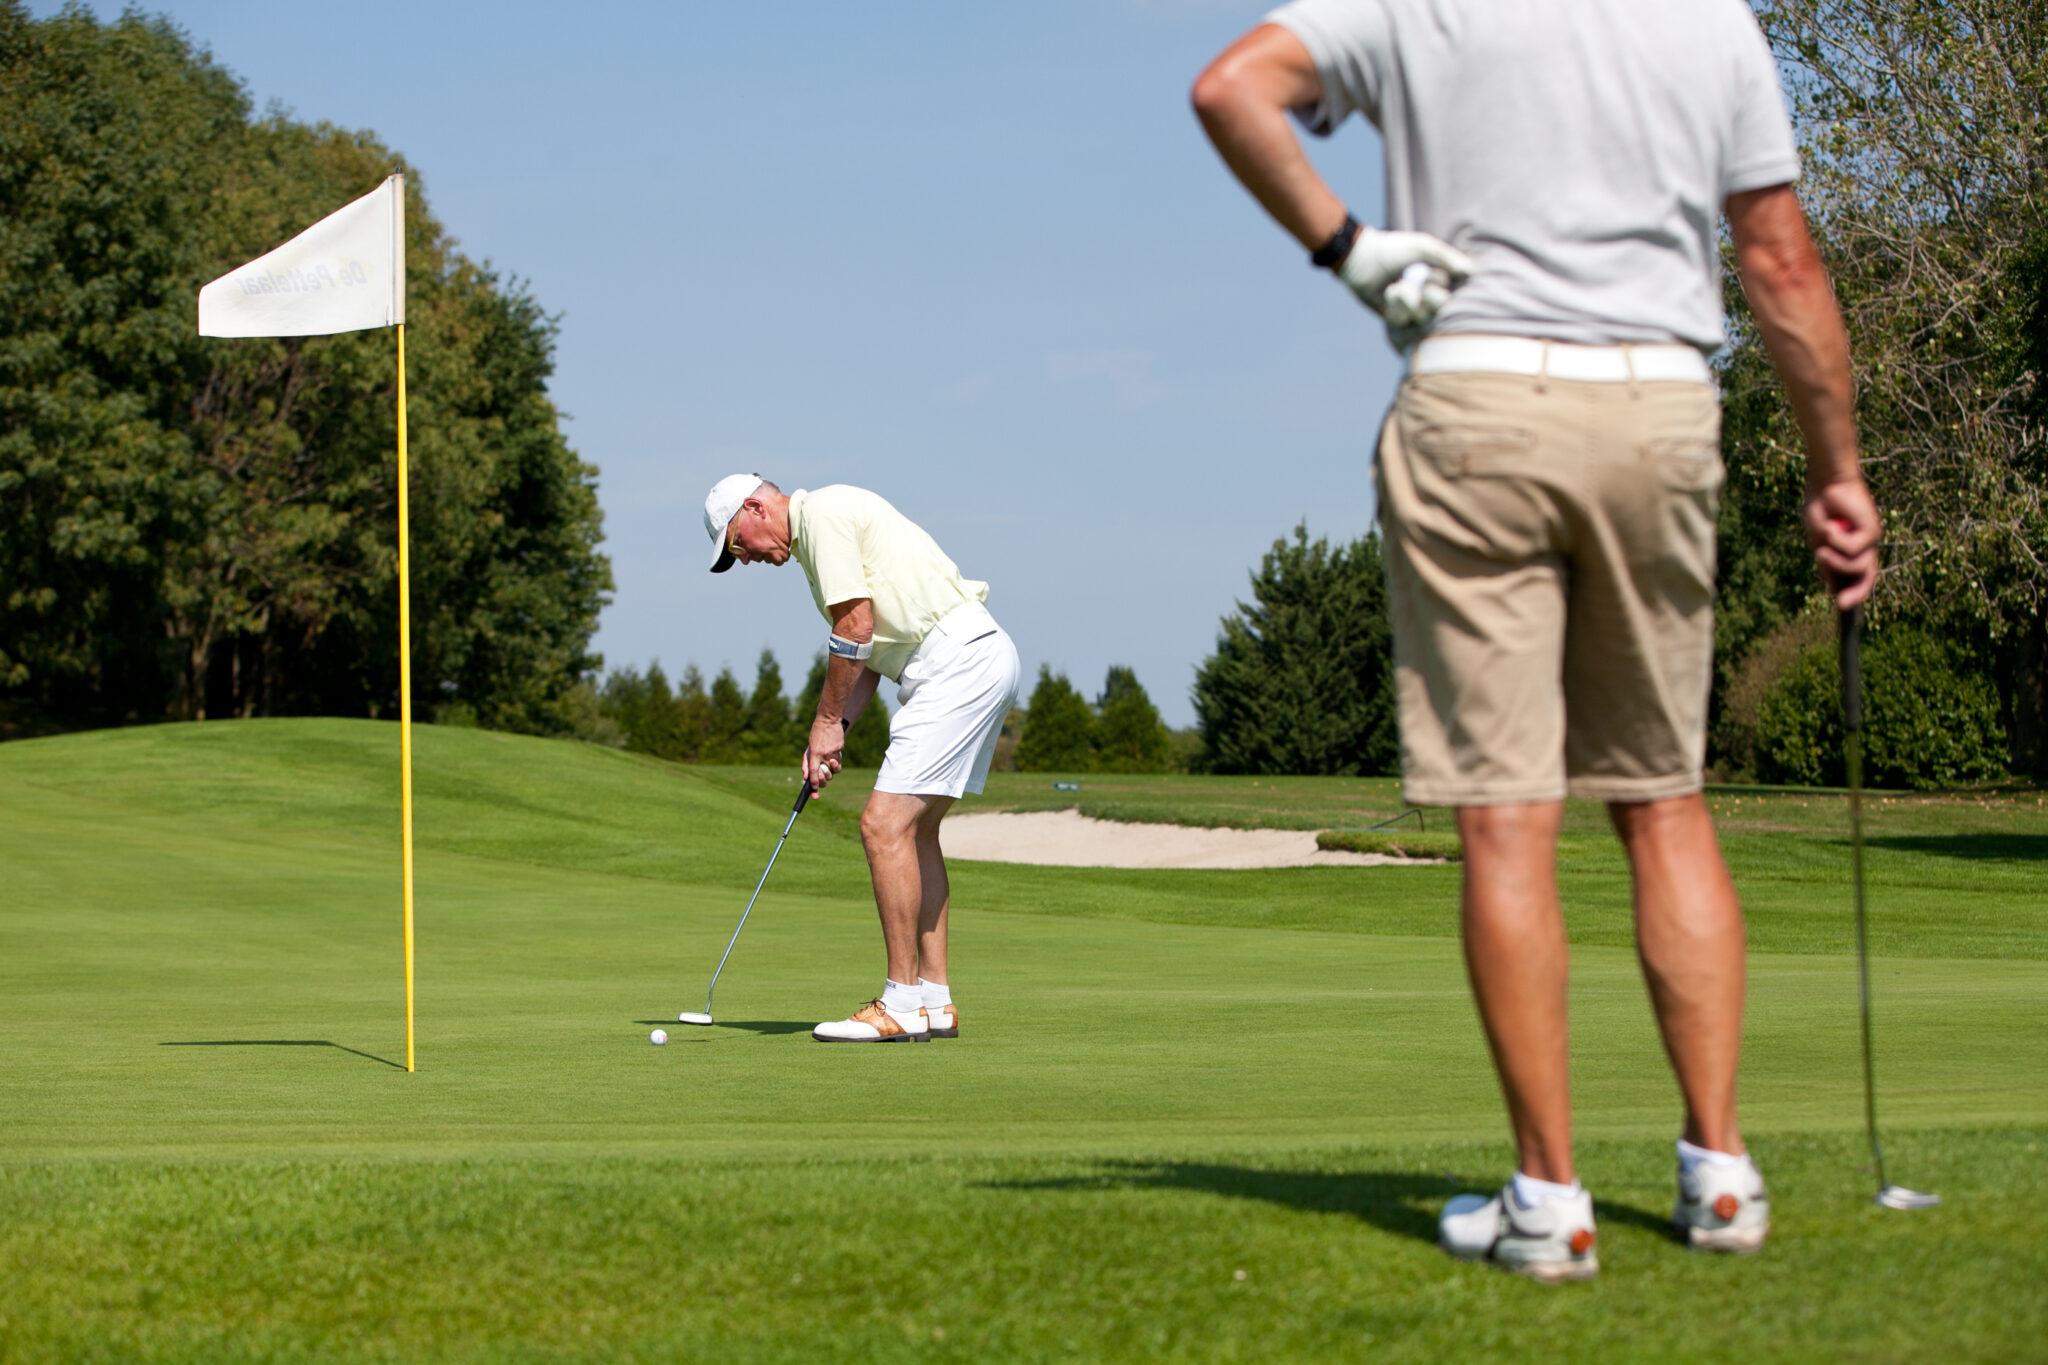 Golf: dat is bij uitstek een sport om te beoefenen in de anderhalvemetersamenleving. Bij golf kun je namelijk afstand houden, plezier maken en sportief bezig zijn. Drie vliegen in één klap dus. Altijd al willen weten of deze sport ook iets voor jou is? Kom ook golfen en start met de speciale introductiecursus bij Golf Parc de Pettelaar.